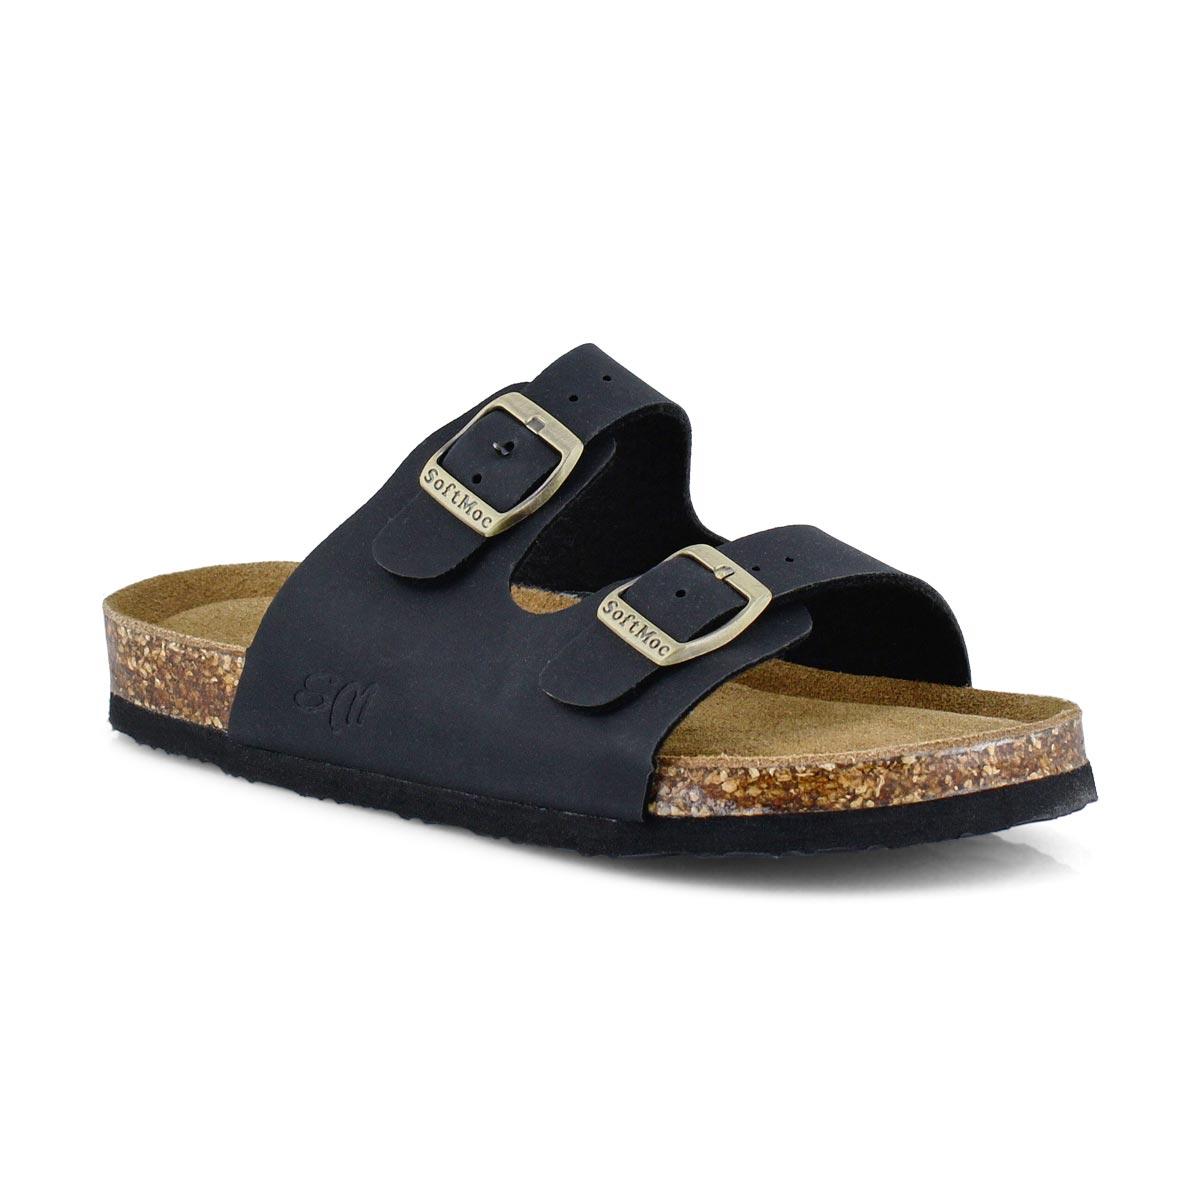 Sandales mousse mém. ALBERTA 6, noir crzy, enfants